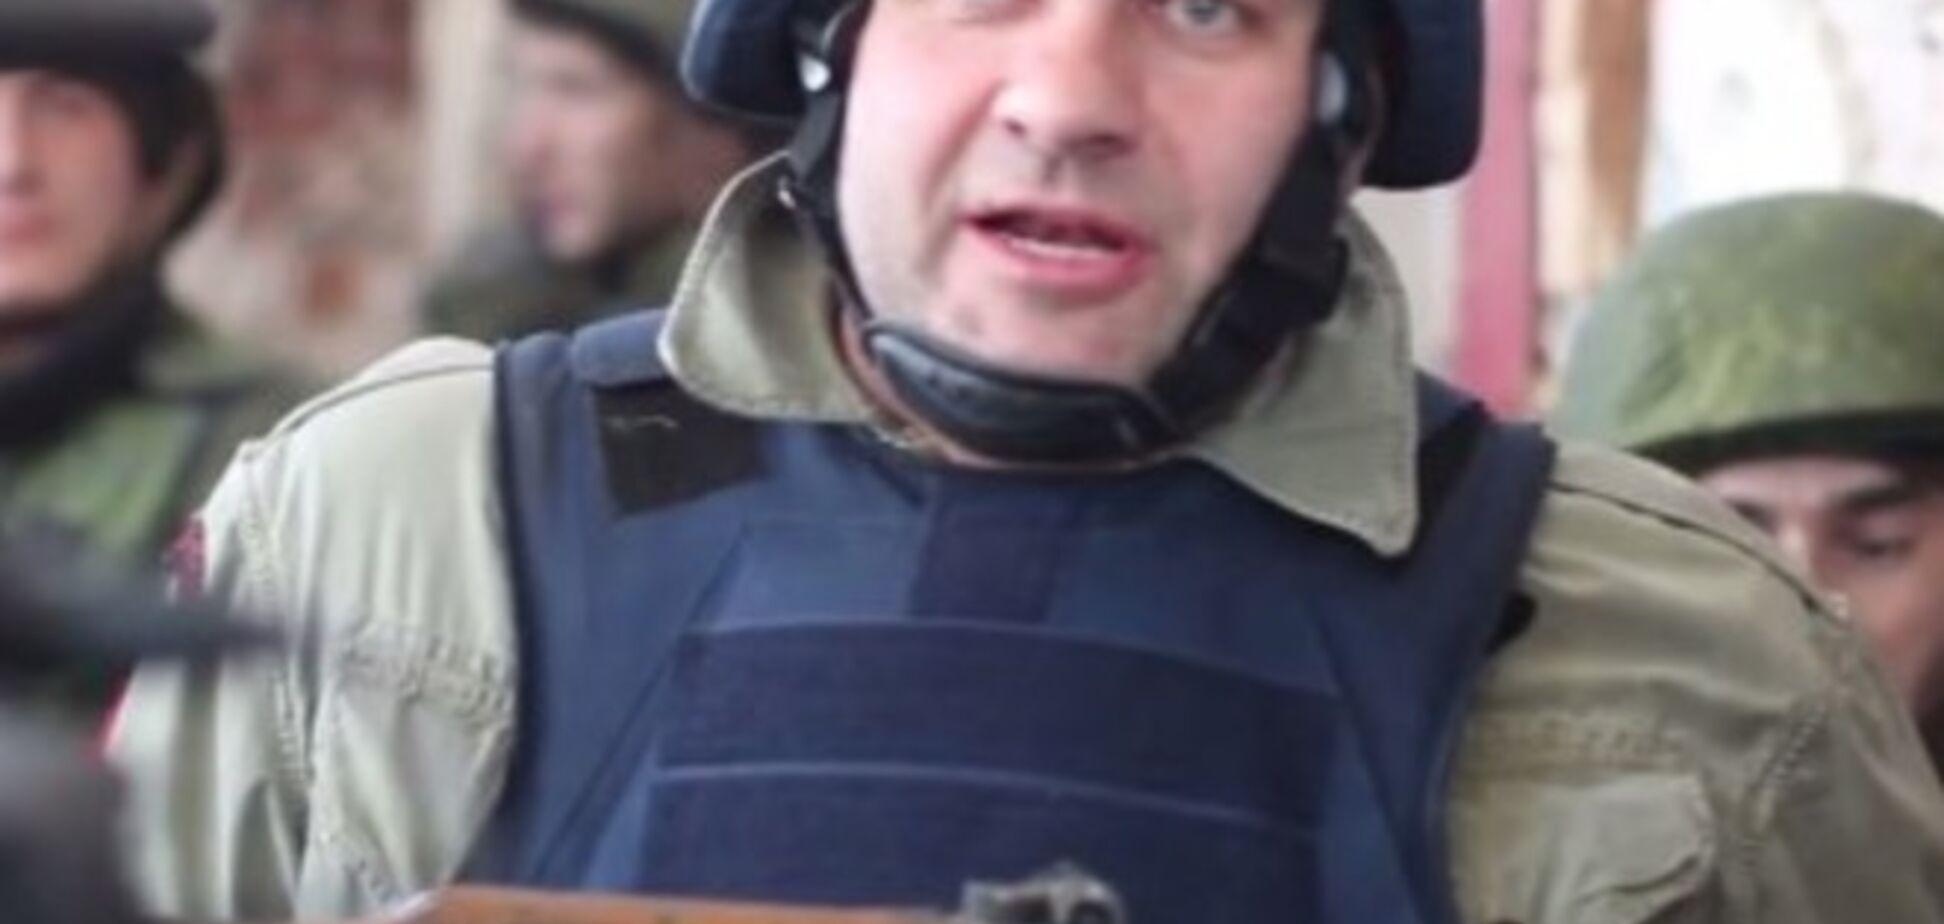 Командир боевиков: Пореченков просто хотел пострелять… Ему понравилось